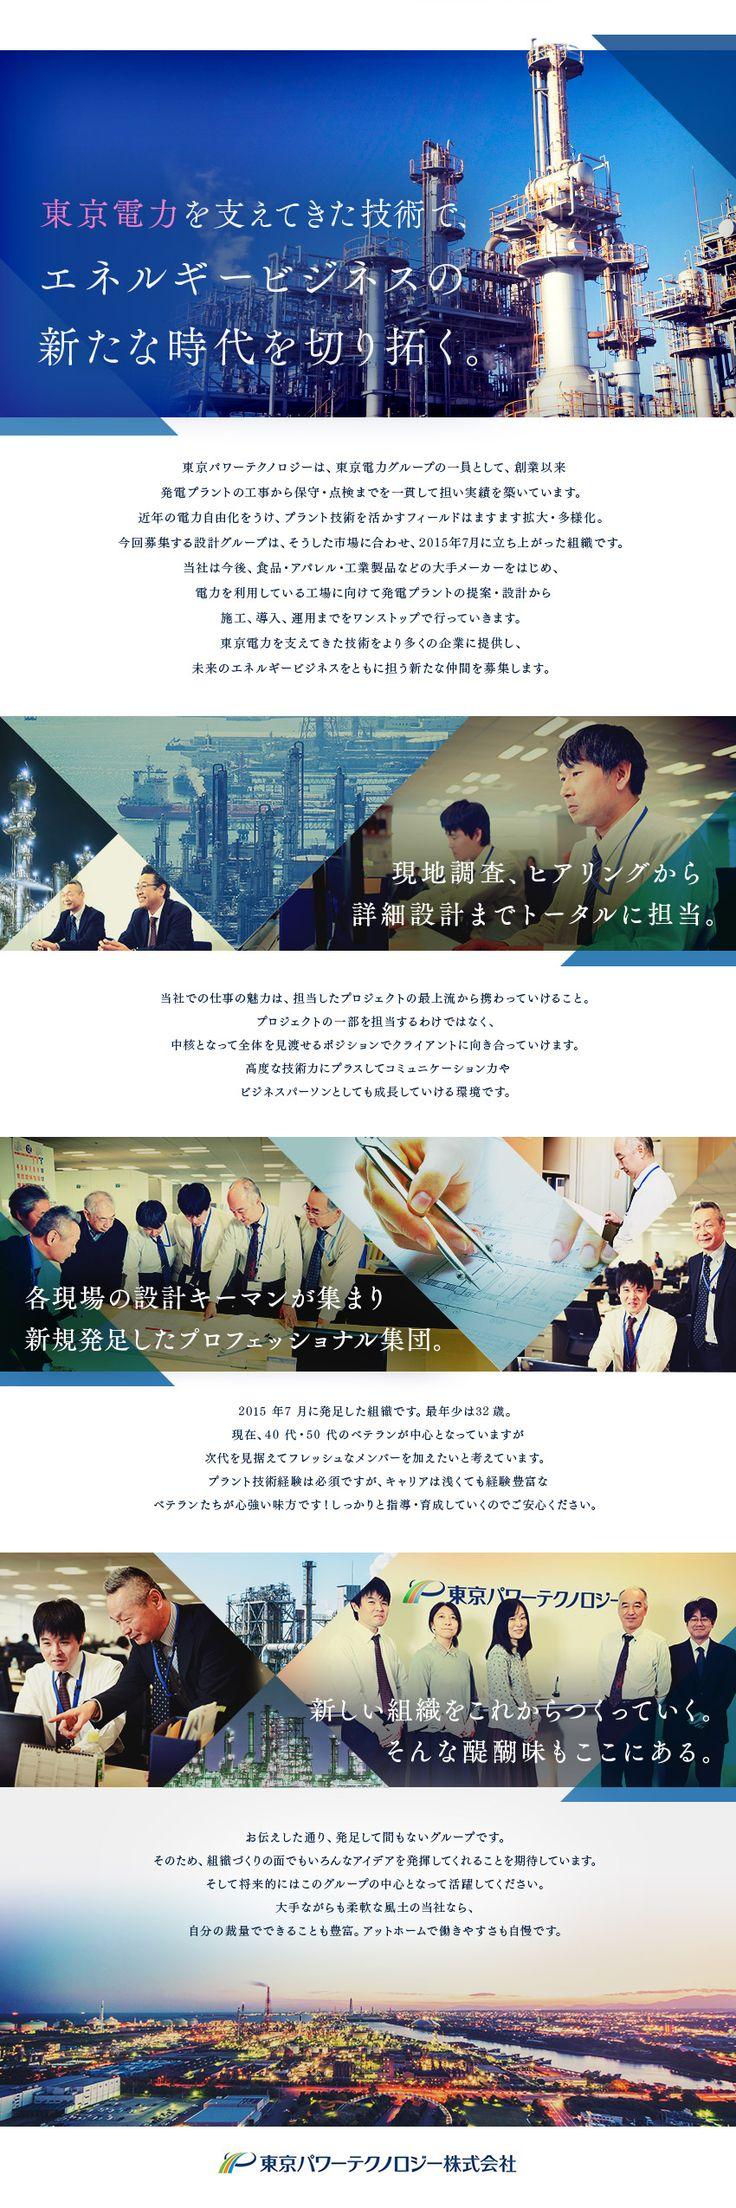 東京パワーテクノロジー株式会社(東京電力グループ)/発電プラントの設計(最上流工程から携わる/安心のサポート体制/年間休日124日/福利厚生充実)の求人PR - 転職ならDODA(デューダ)